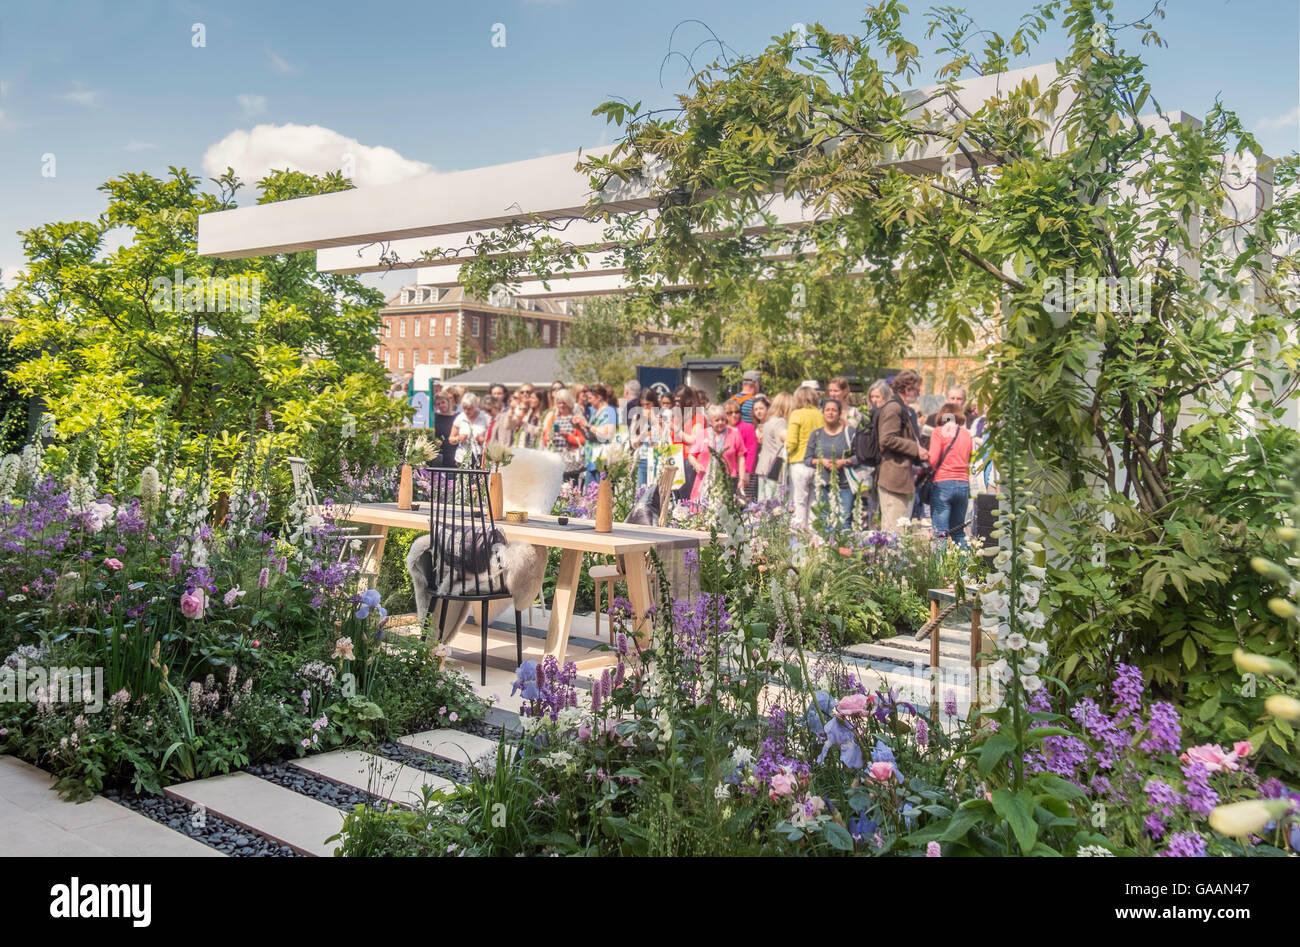 Ein Schaugarten auf die RHS Chelsea Flower Show, entworfen von Heu Joung Hwang. Stockfoto